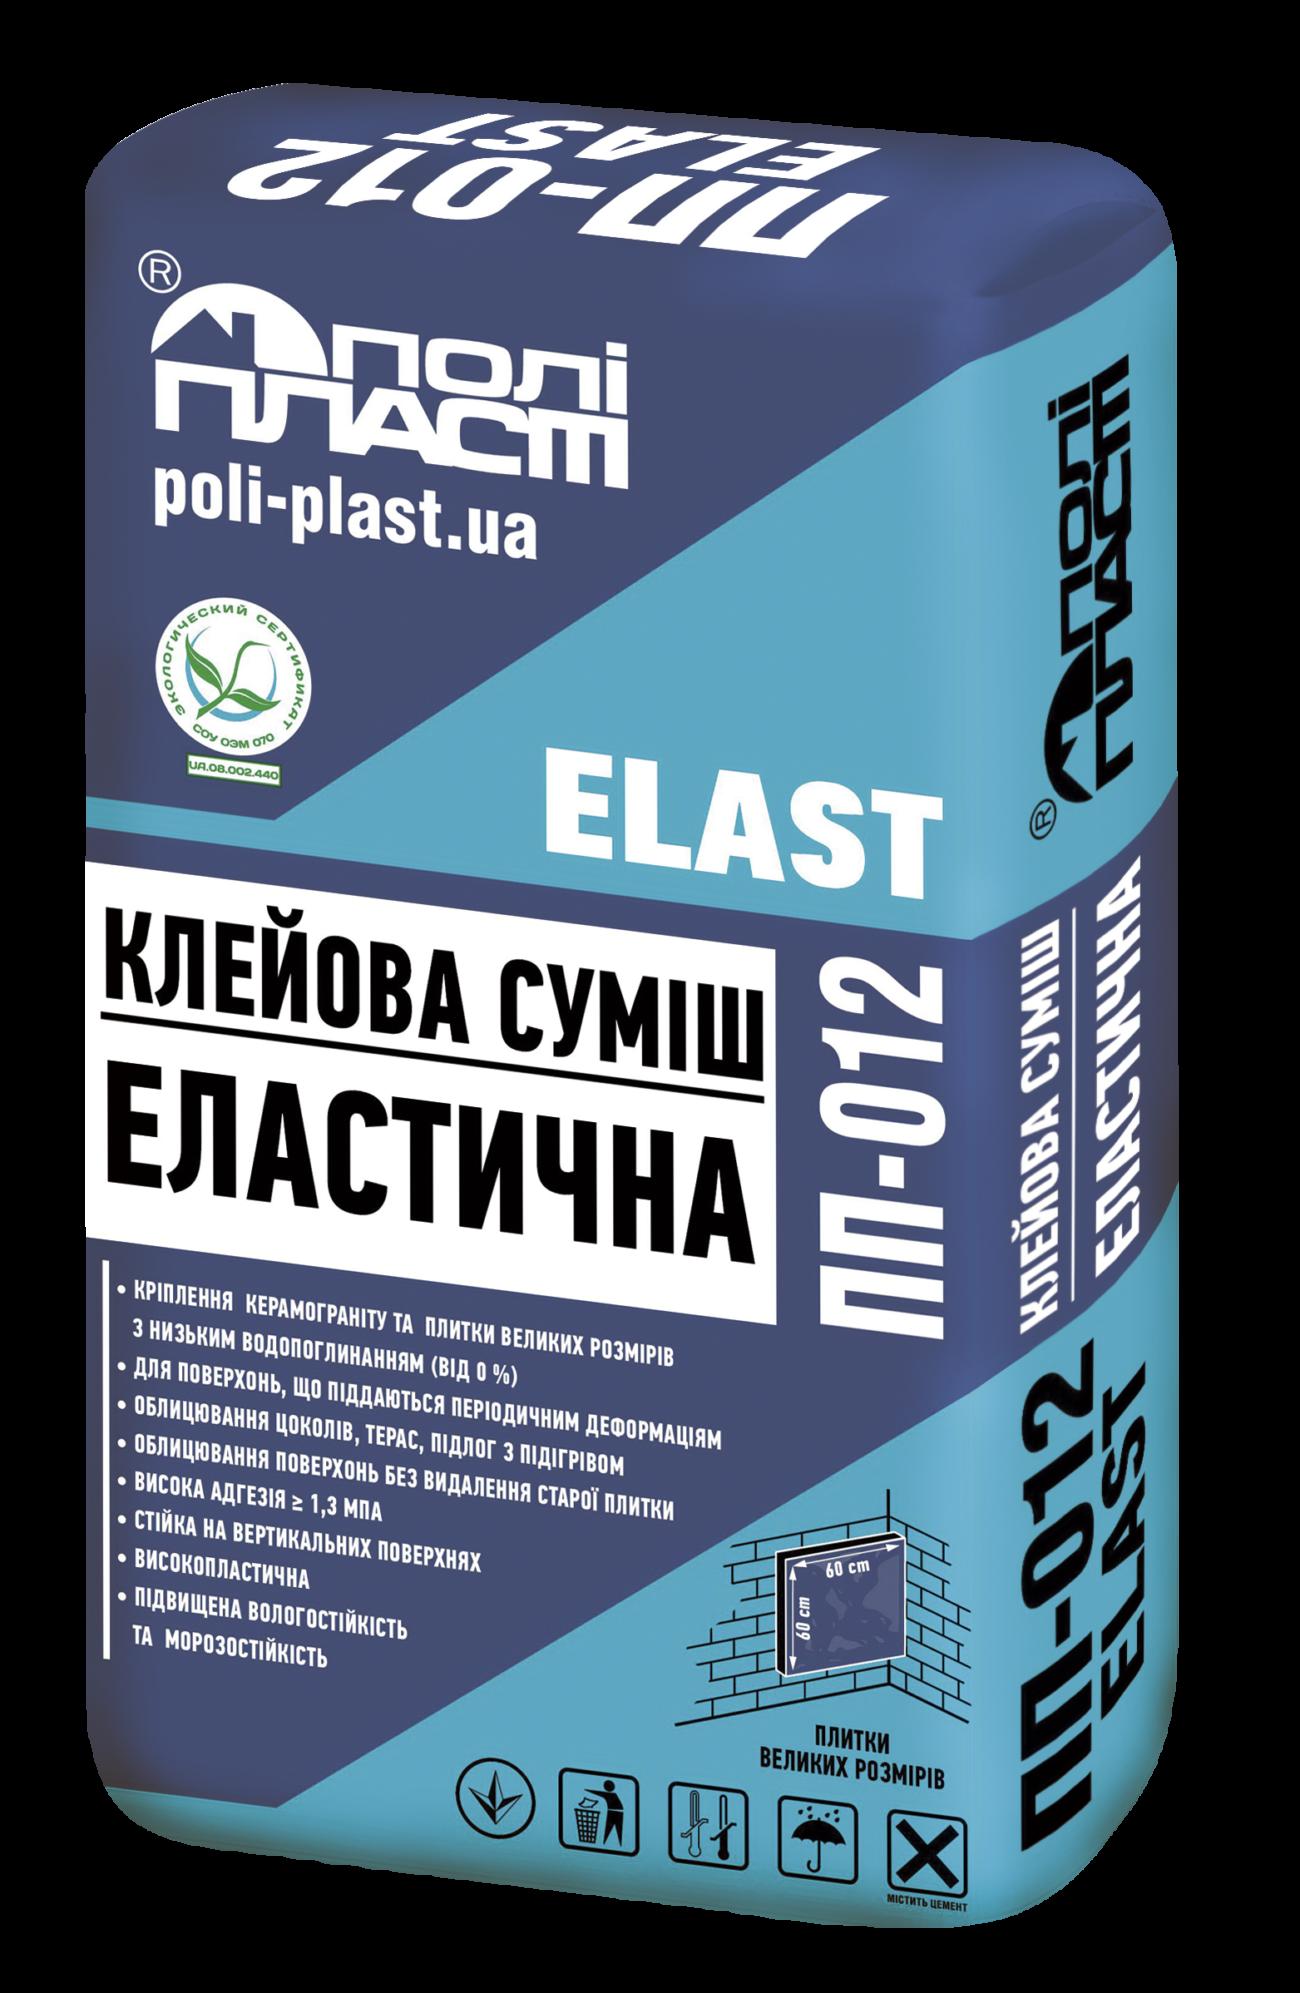 ПП-012 ELAST